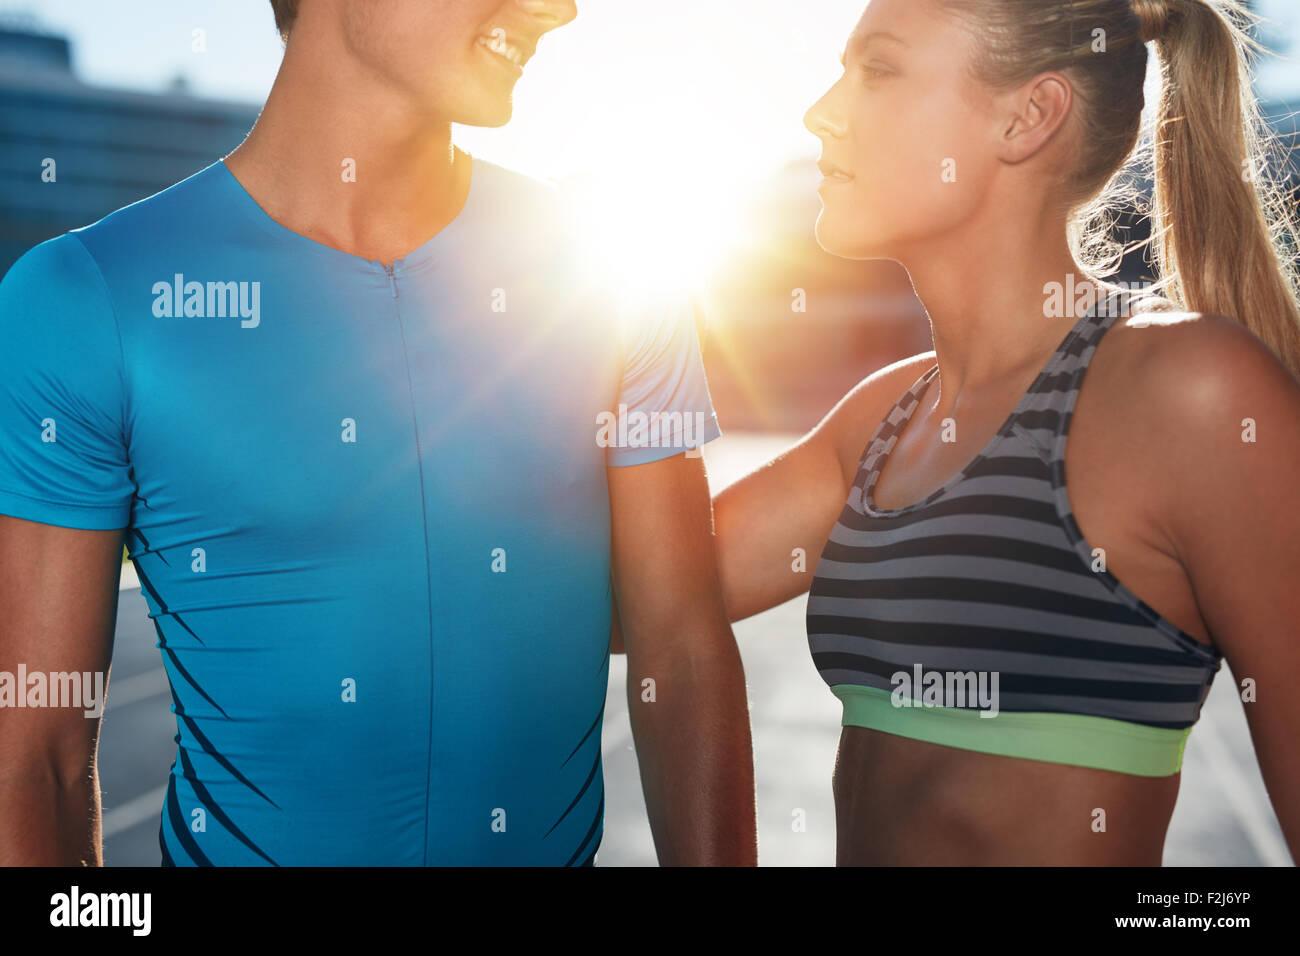 Closeup tiro de dos jóvenes atletas de pie en stadium Race Track en un día soleado. Hombre y mujer en Imagen De Stock